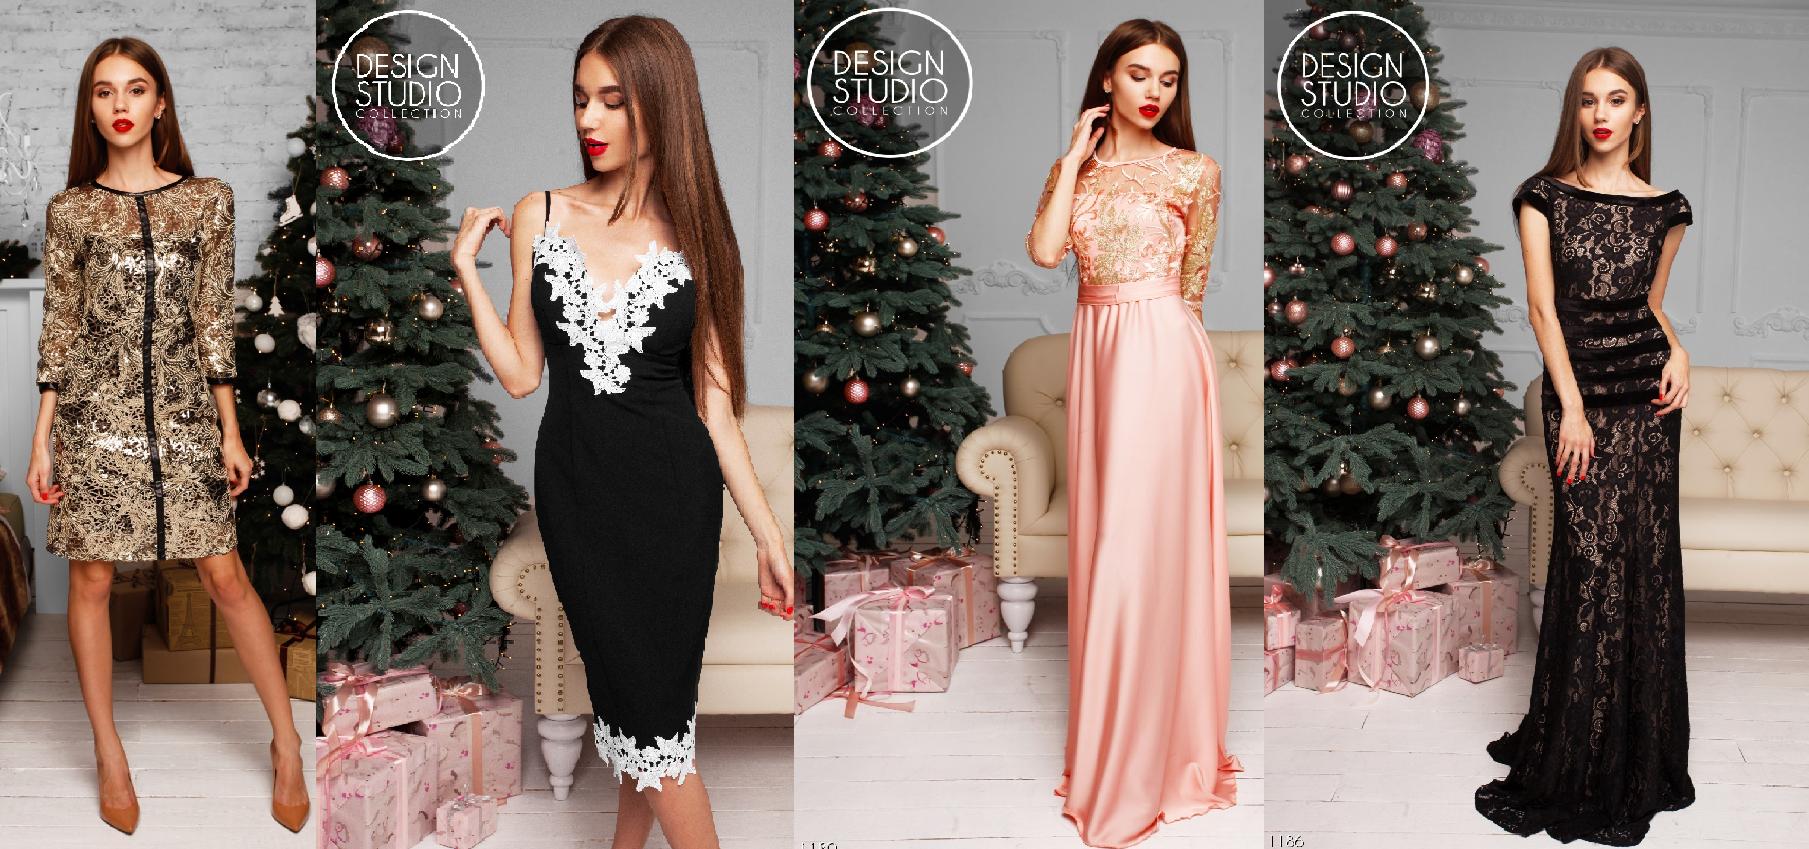 Еще не знаете в чем встретить Новый год?Какой платье одеть? Тогда ВАМ СЮДА!БОЛЬШОЙ ВЫБОР И ГЛАВНОЕ ДОСТУПНЫЕ ЦЕНЫ!!ТОРОПИТЕСЬ ЧЕРЕЗ 2 ДНЯ СТОП!!